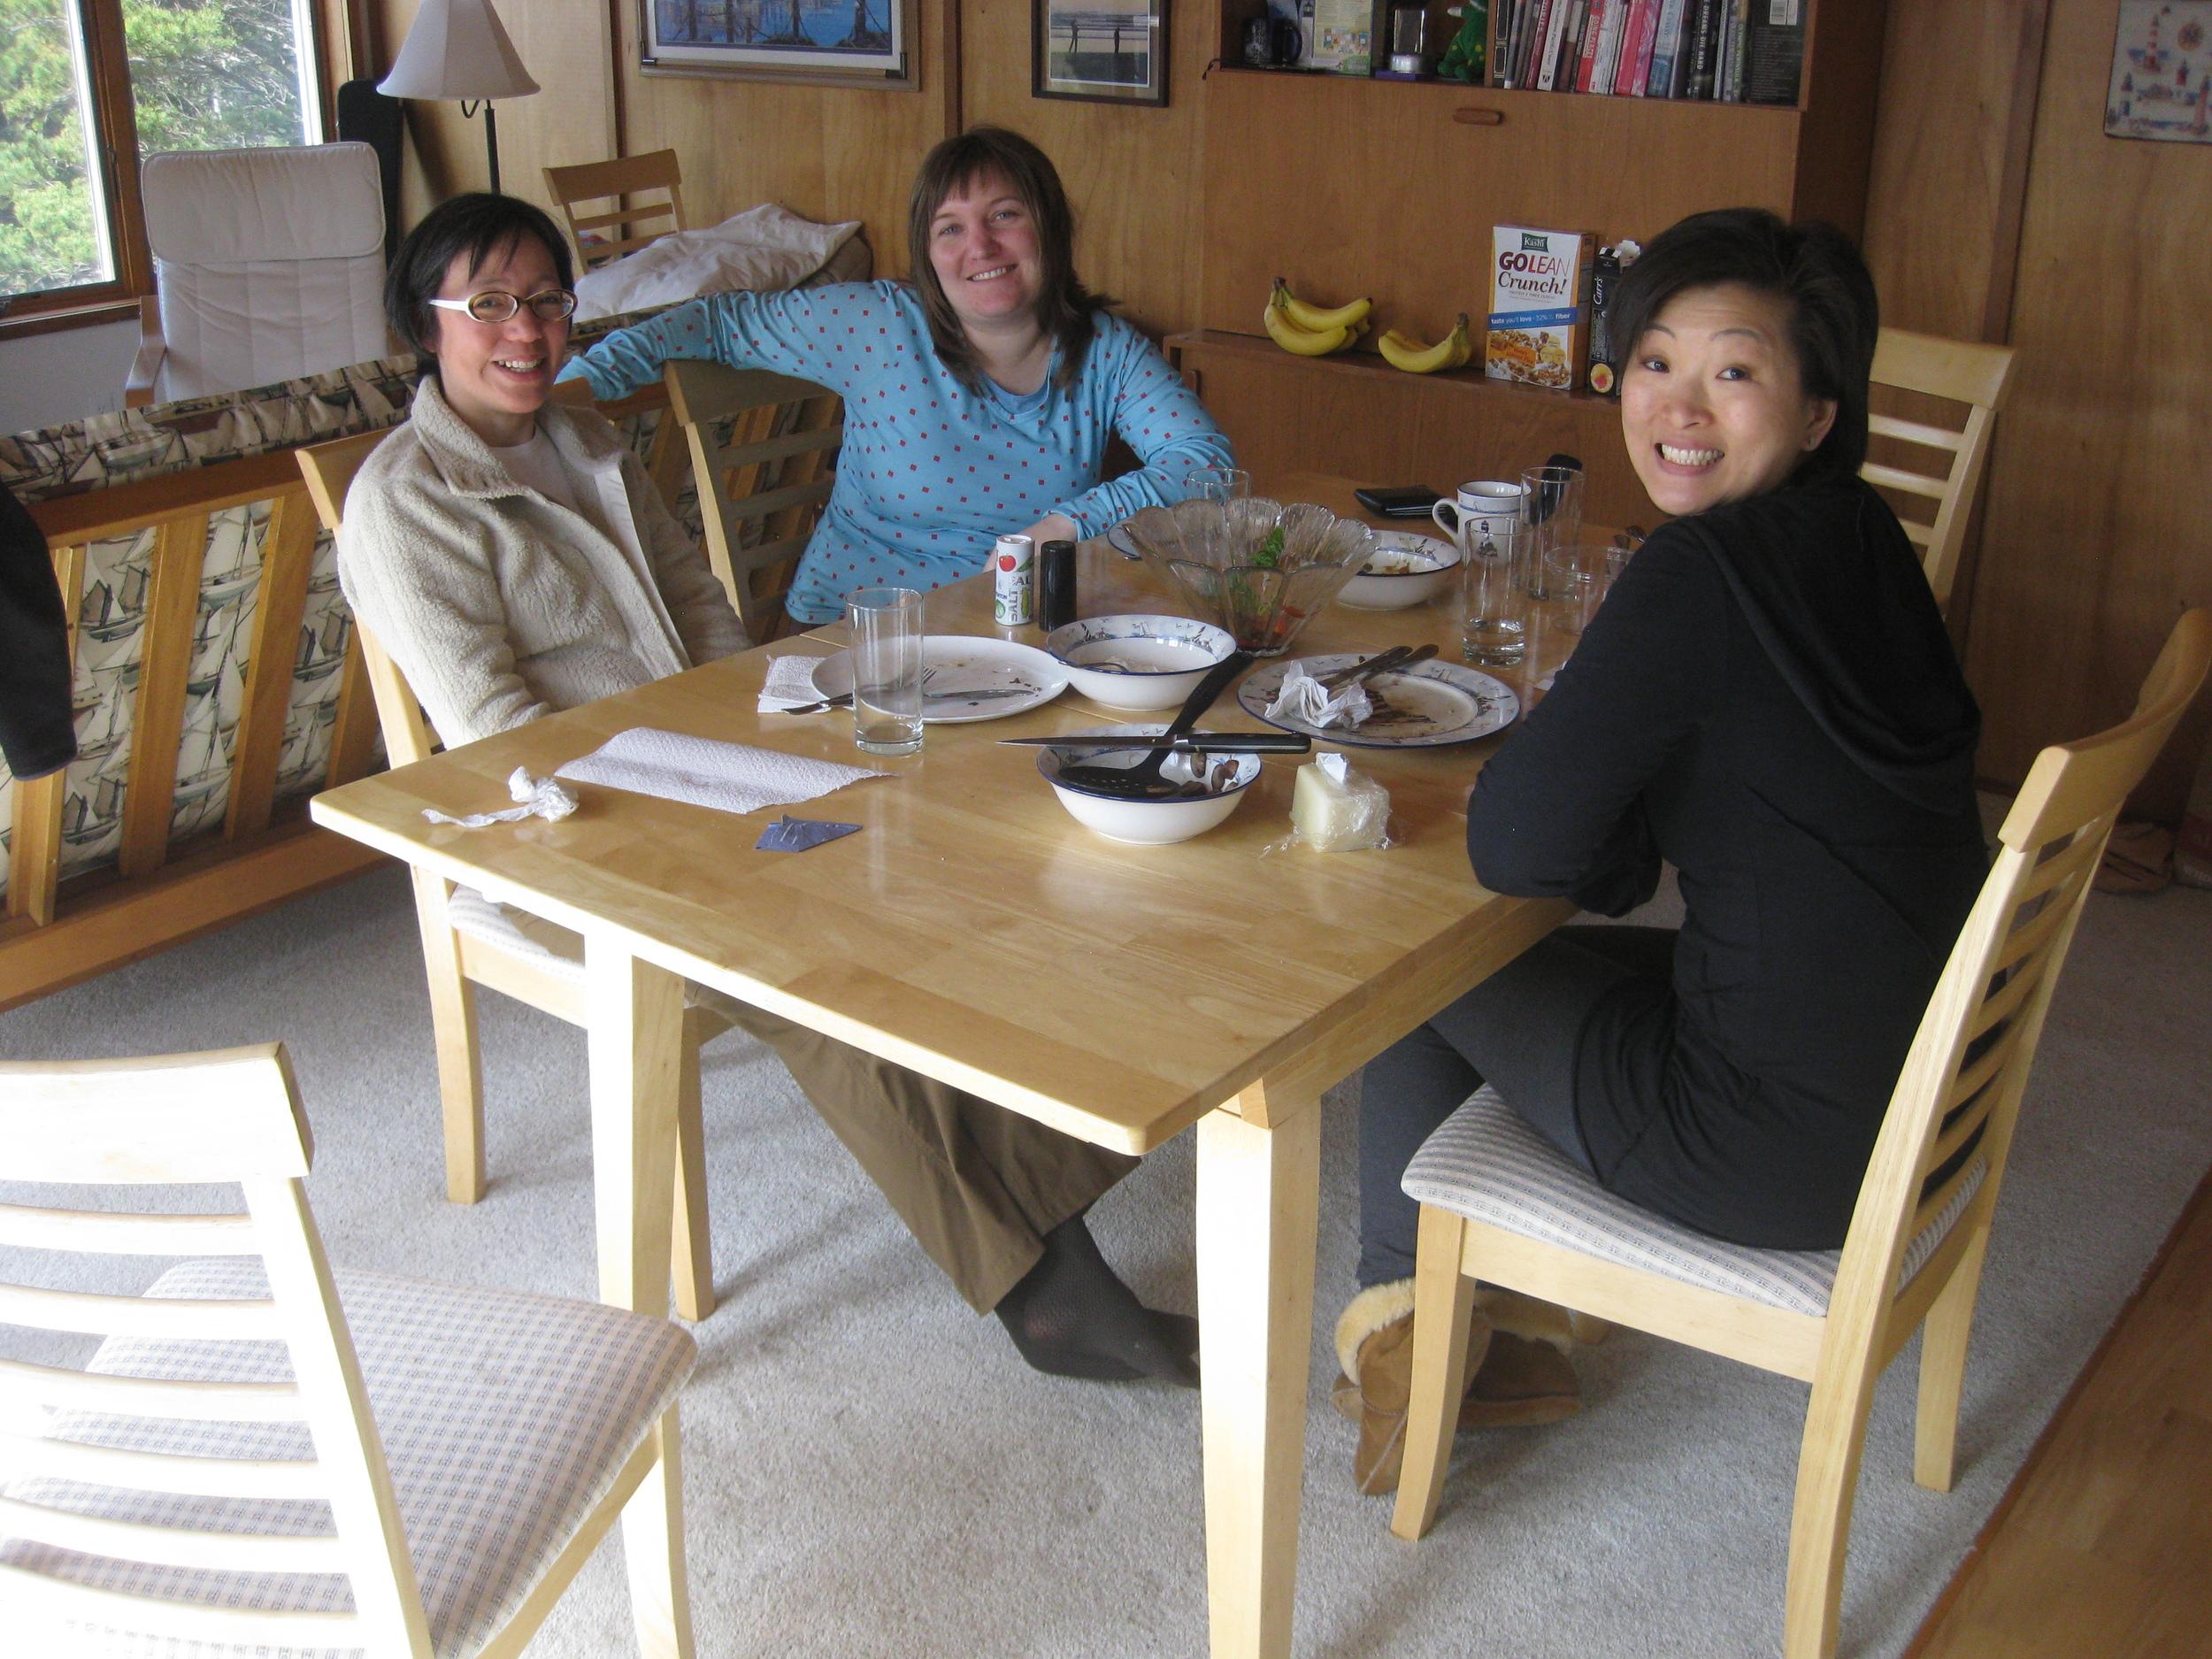 2010 schemata retreat (50).jpg